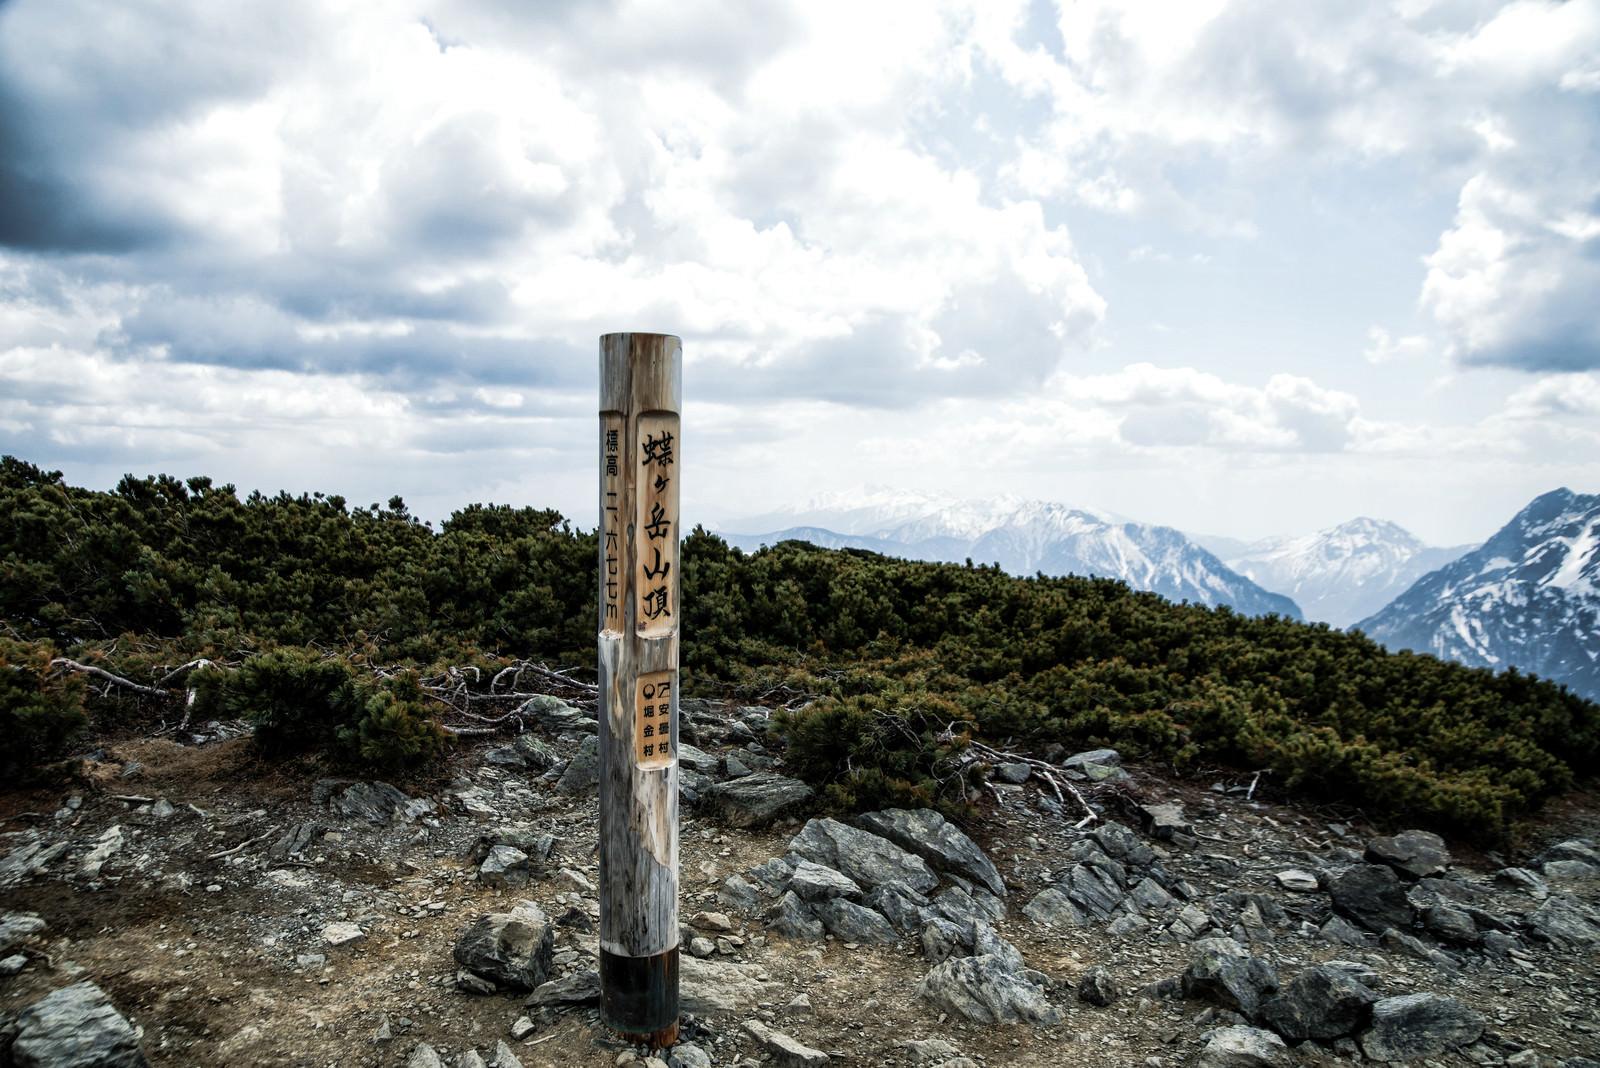 「蝶ヶ岳山頂の標識(飛騨山脈)」の写真